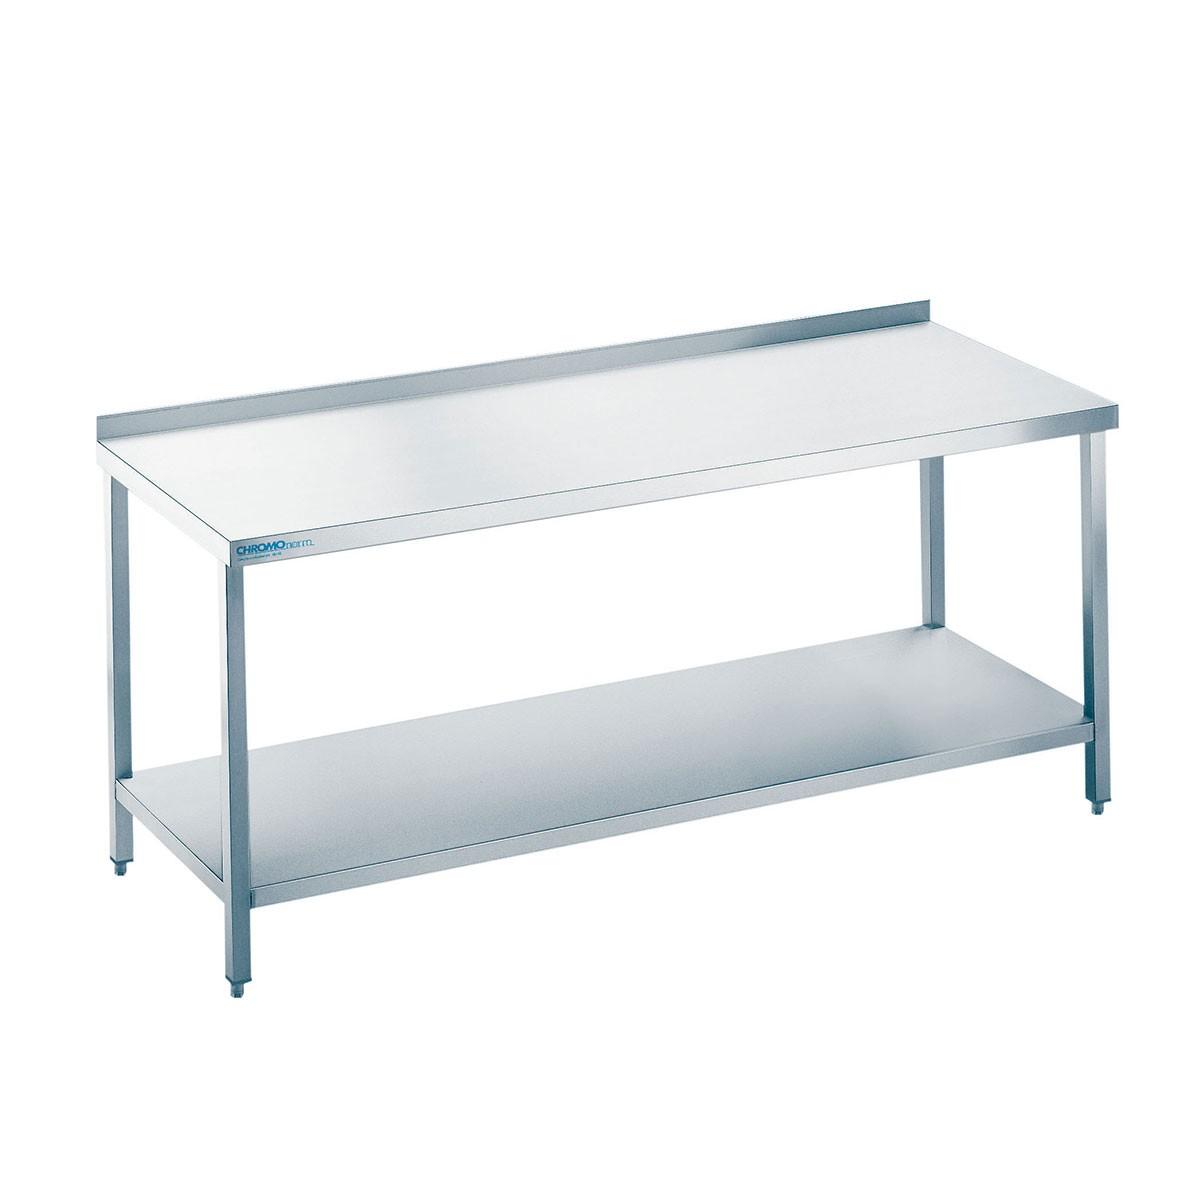 Edelstahl Arbeitstisch mit Zwischenboden Chromonorm TZ0618C0000 600mm x 1800mm